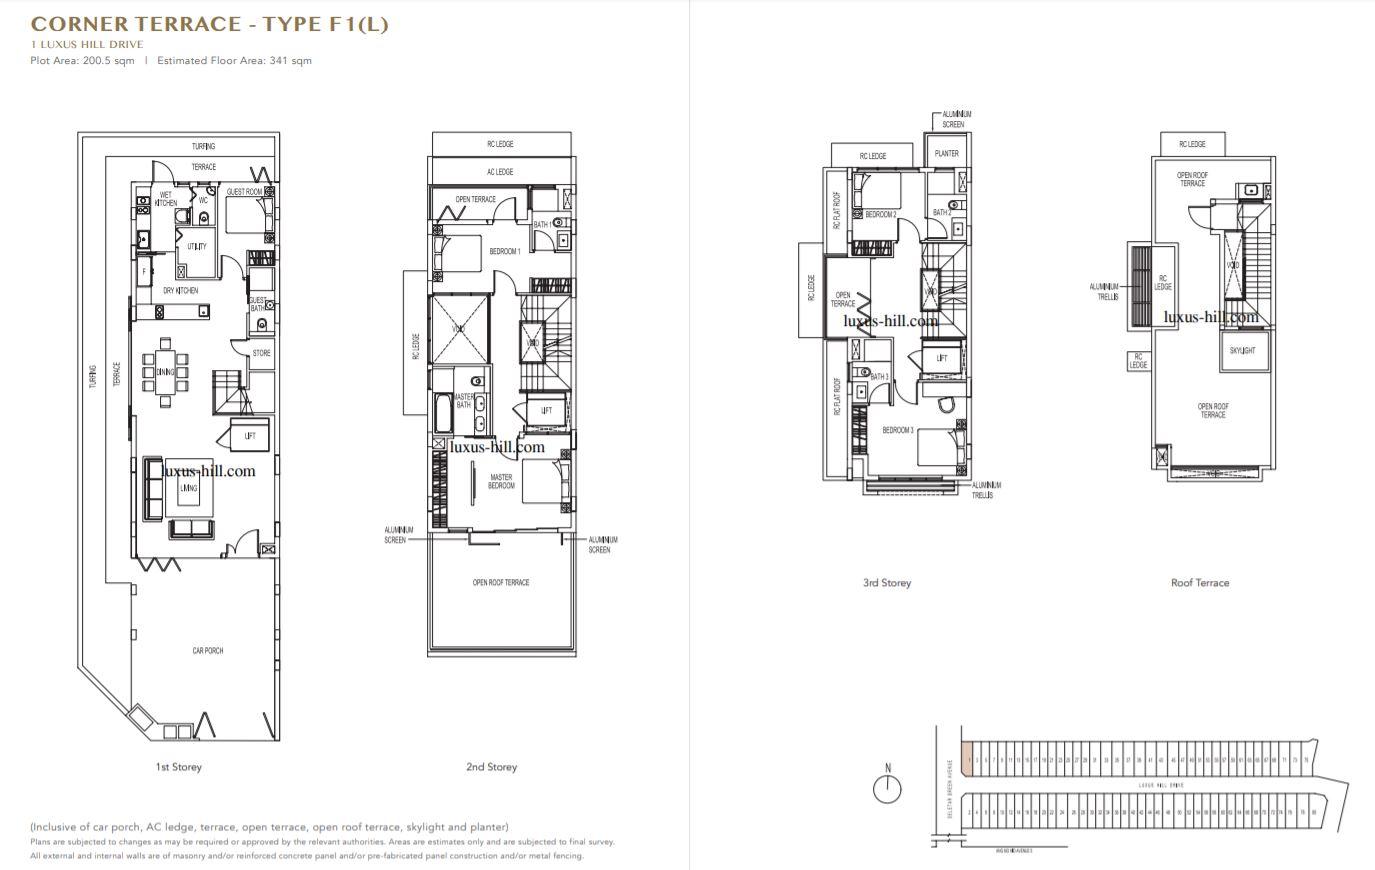 Luxus Hills 999 Years Leasehold Ang Mo Kio Propertyfactsheet